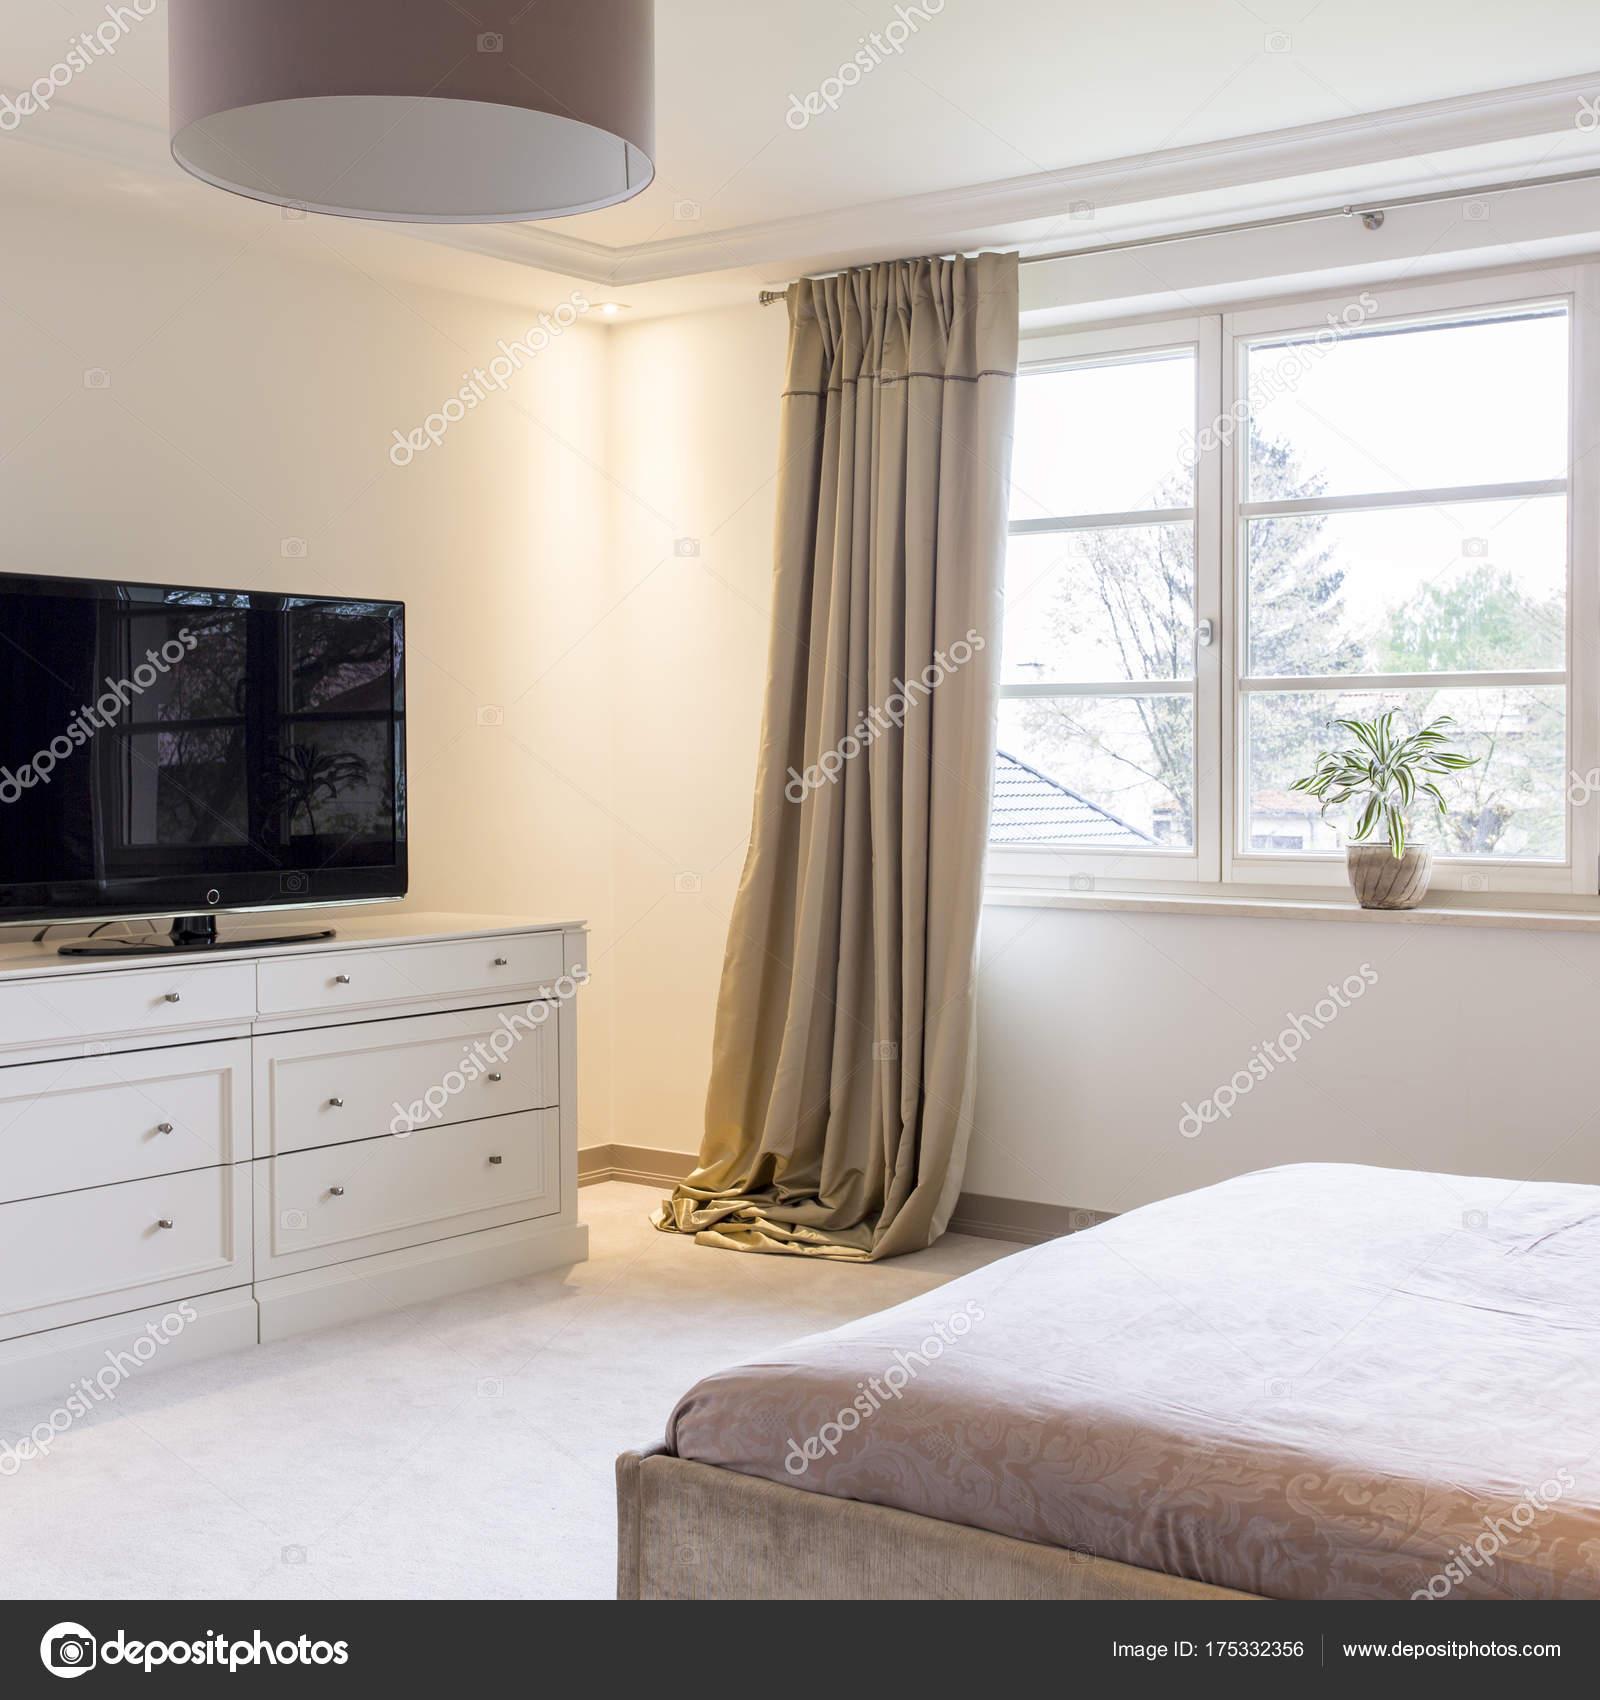 Geräumige Helle Zimmer Mit Bett Tv Stockfoto